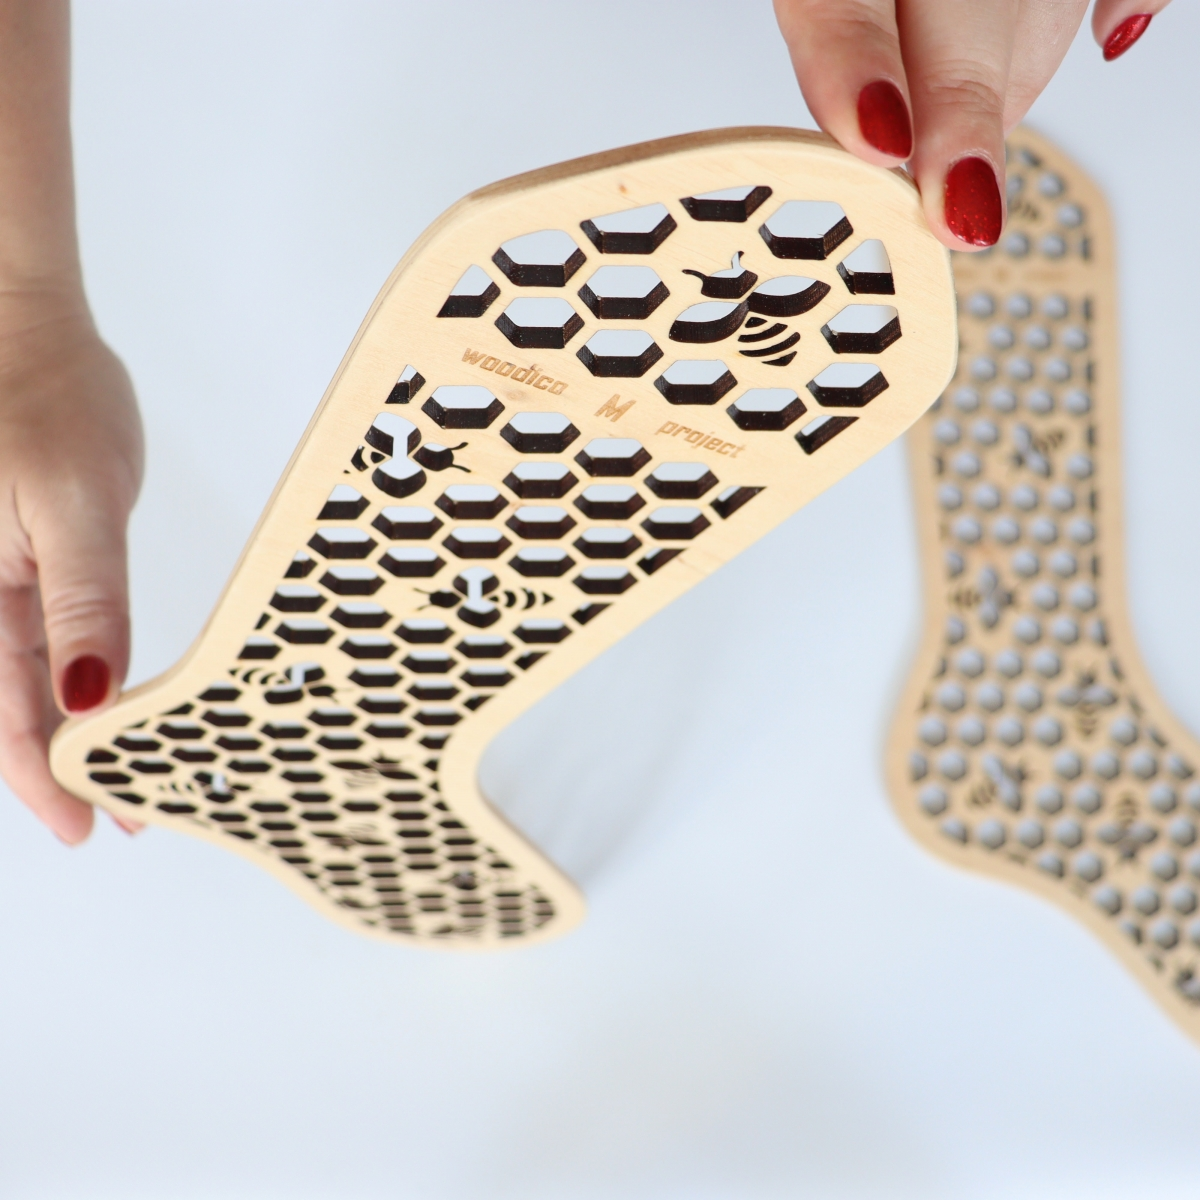 woodico.pro wooden sock blockers hooneycomb 2 1200x1200 - Wooden sock blockers / Honeycomb